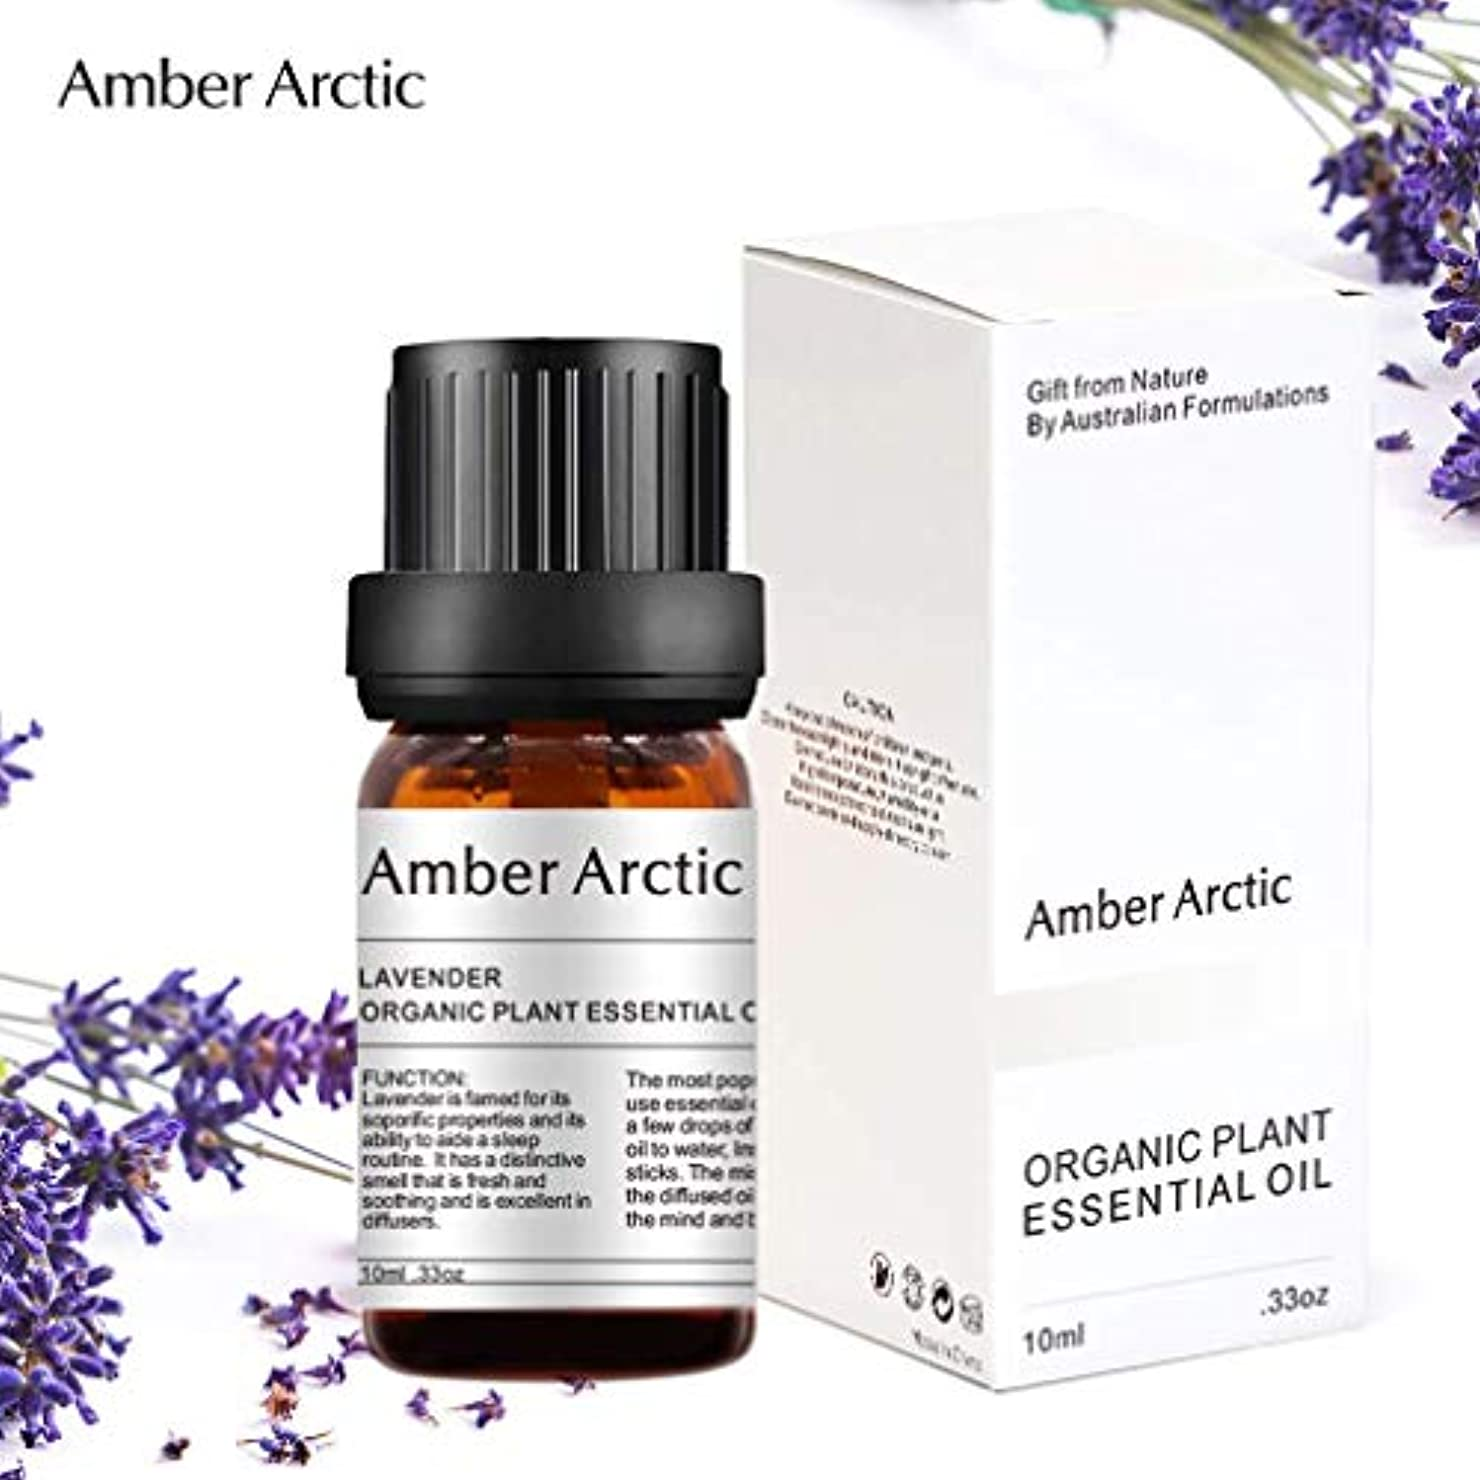 活気づく早める不明瞭Amber Arctic ラベンダー エッセンシャル オイル - 100% 純粋 最良 治療 グレード エッセンシャル オイル、 ディフューザー 用 天然 アロマ オイル (10ミリリットル)